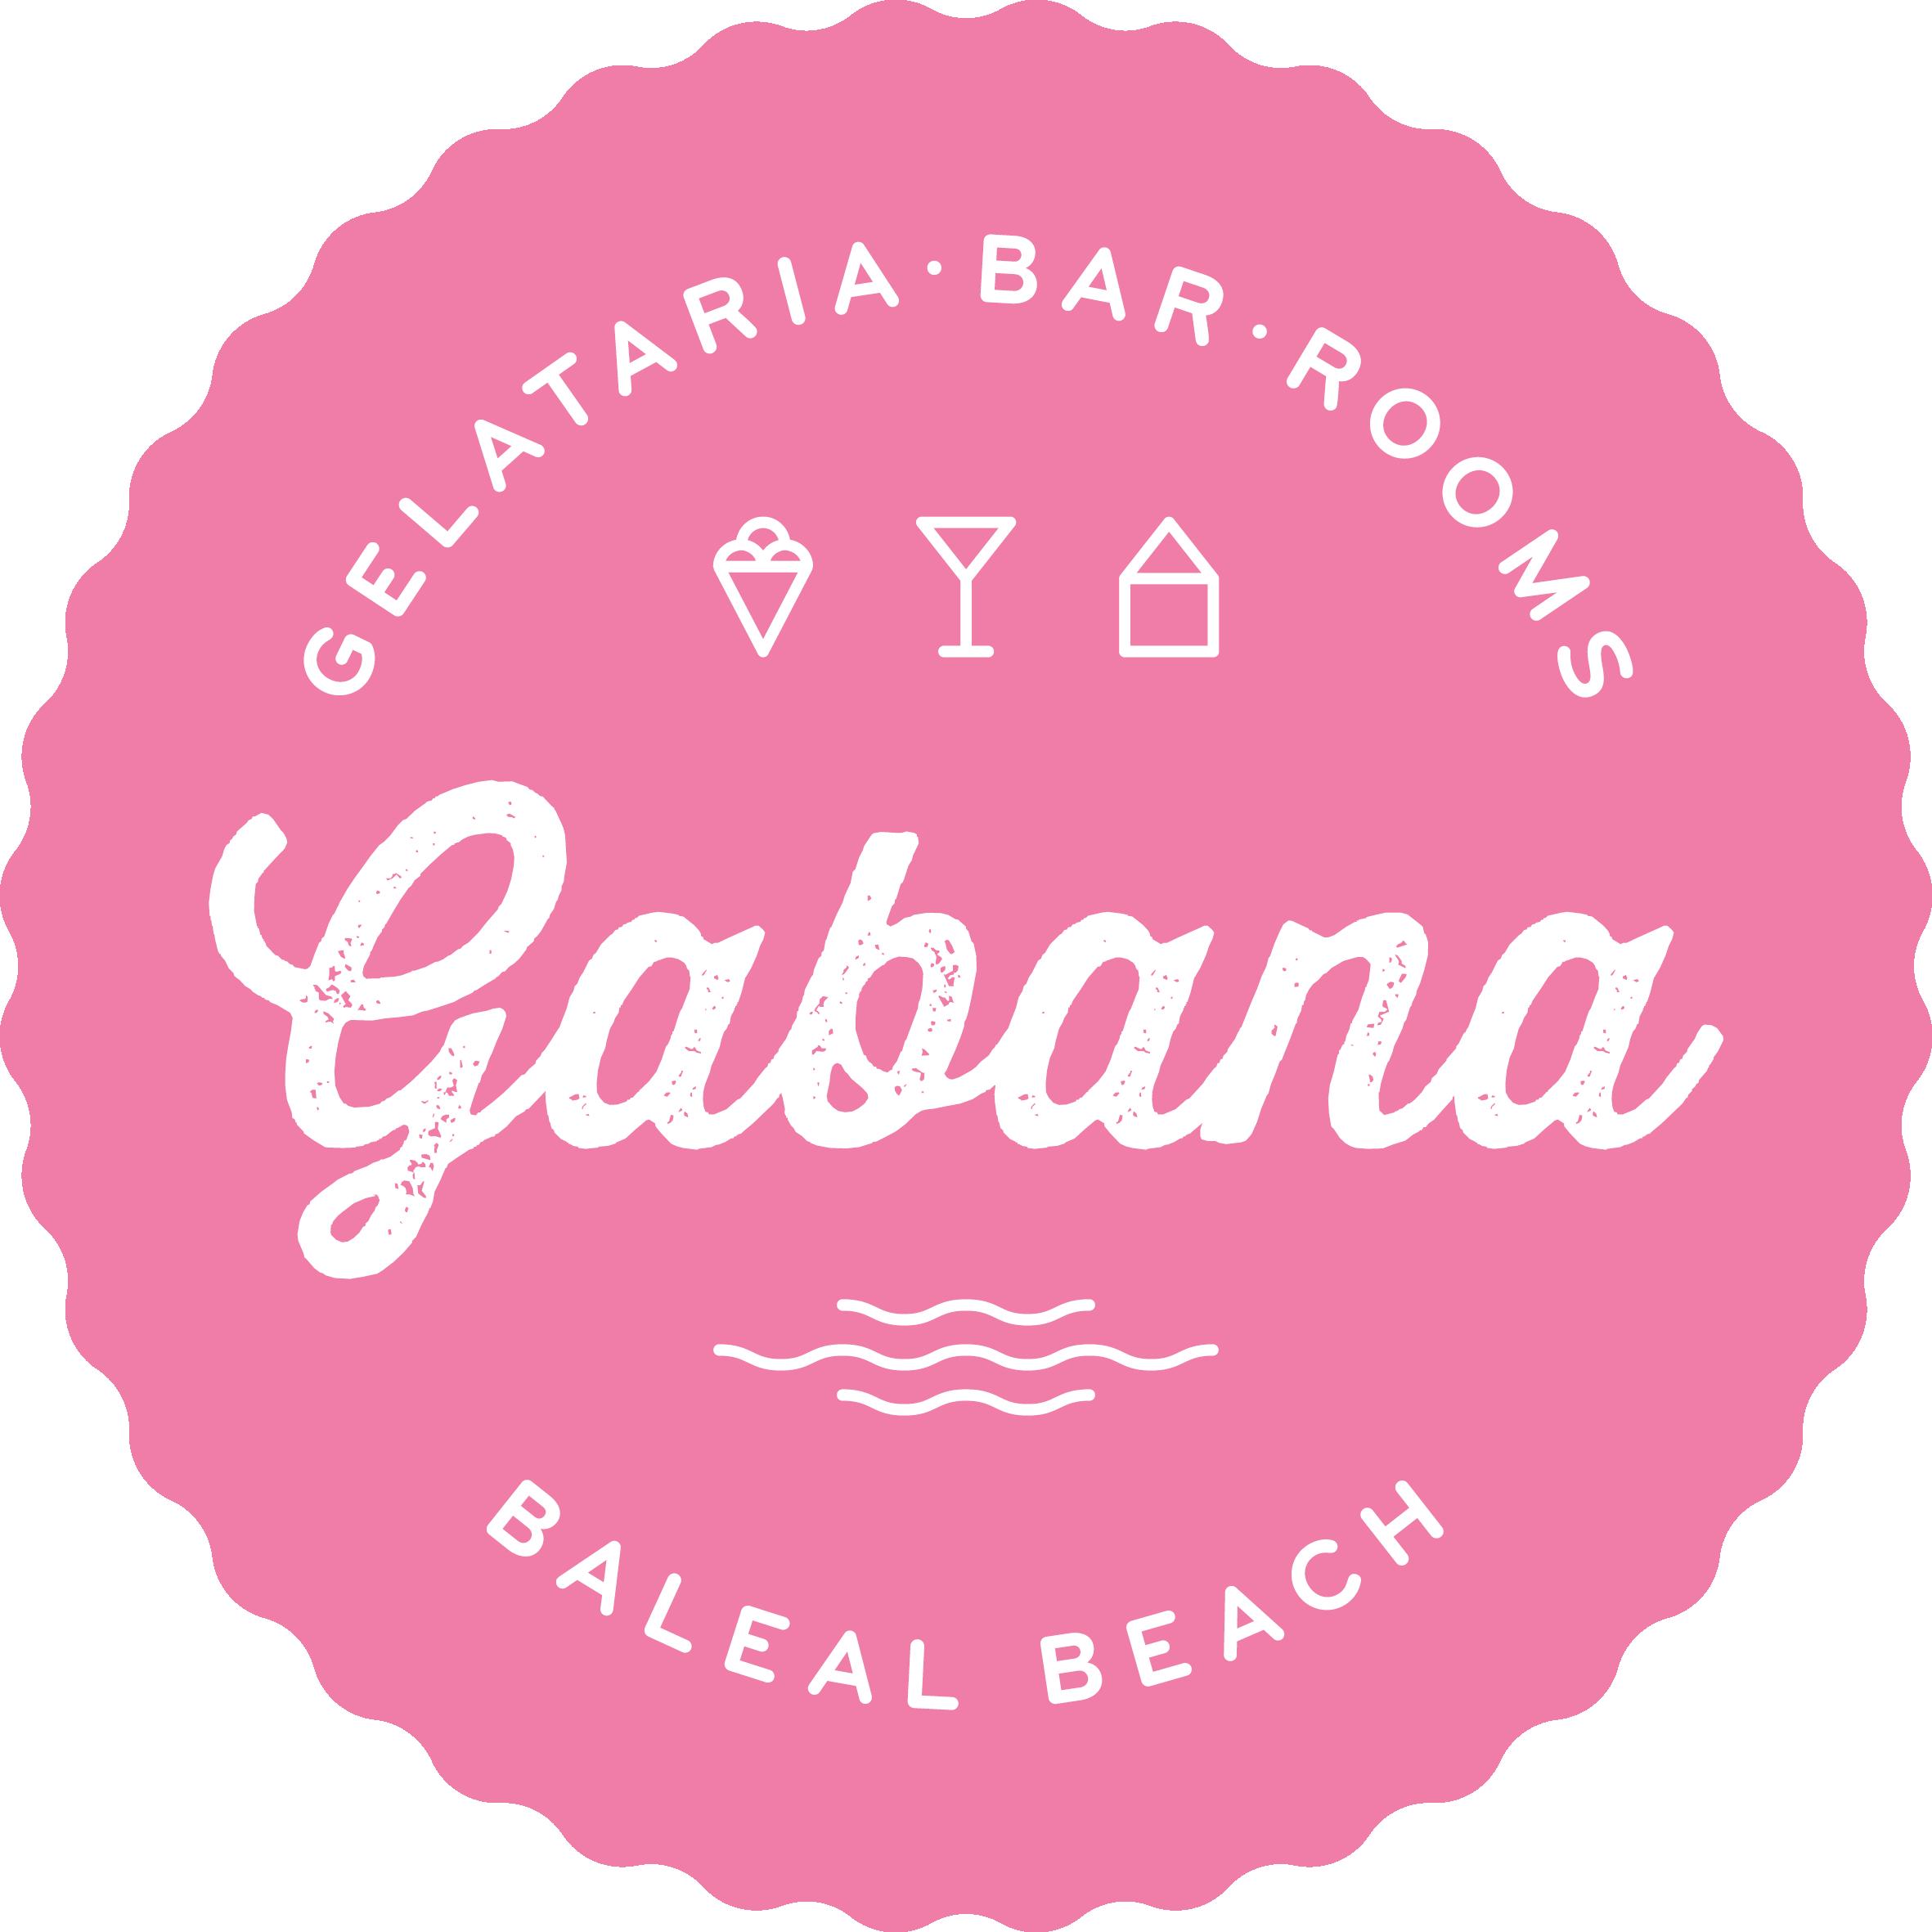 gabana baleal beach